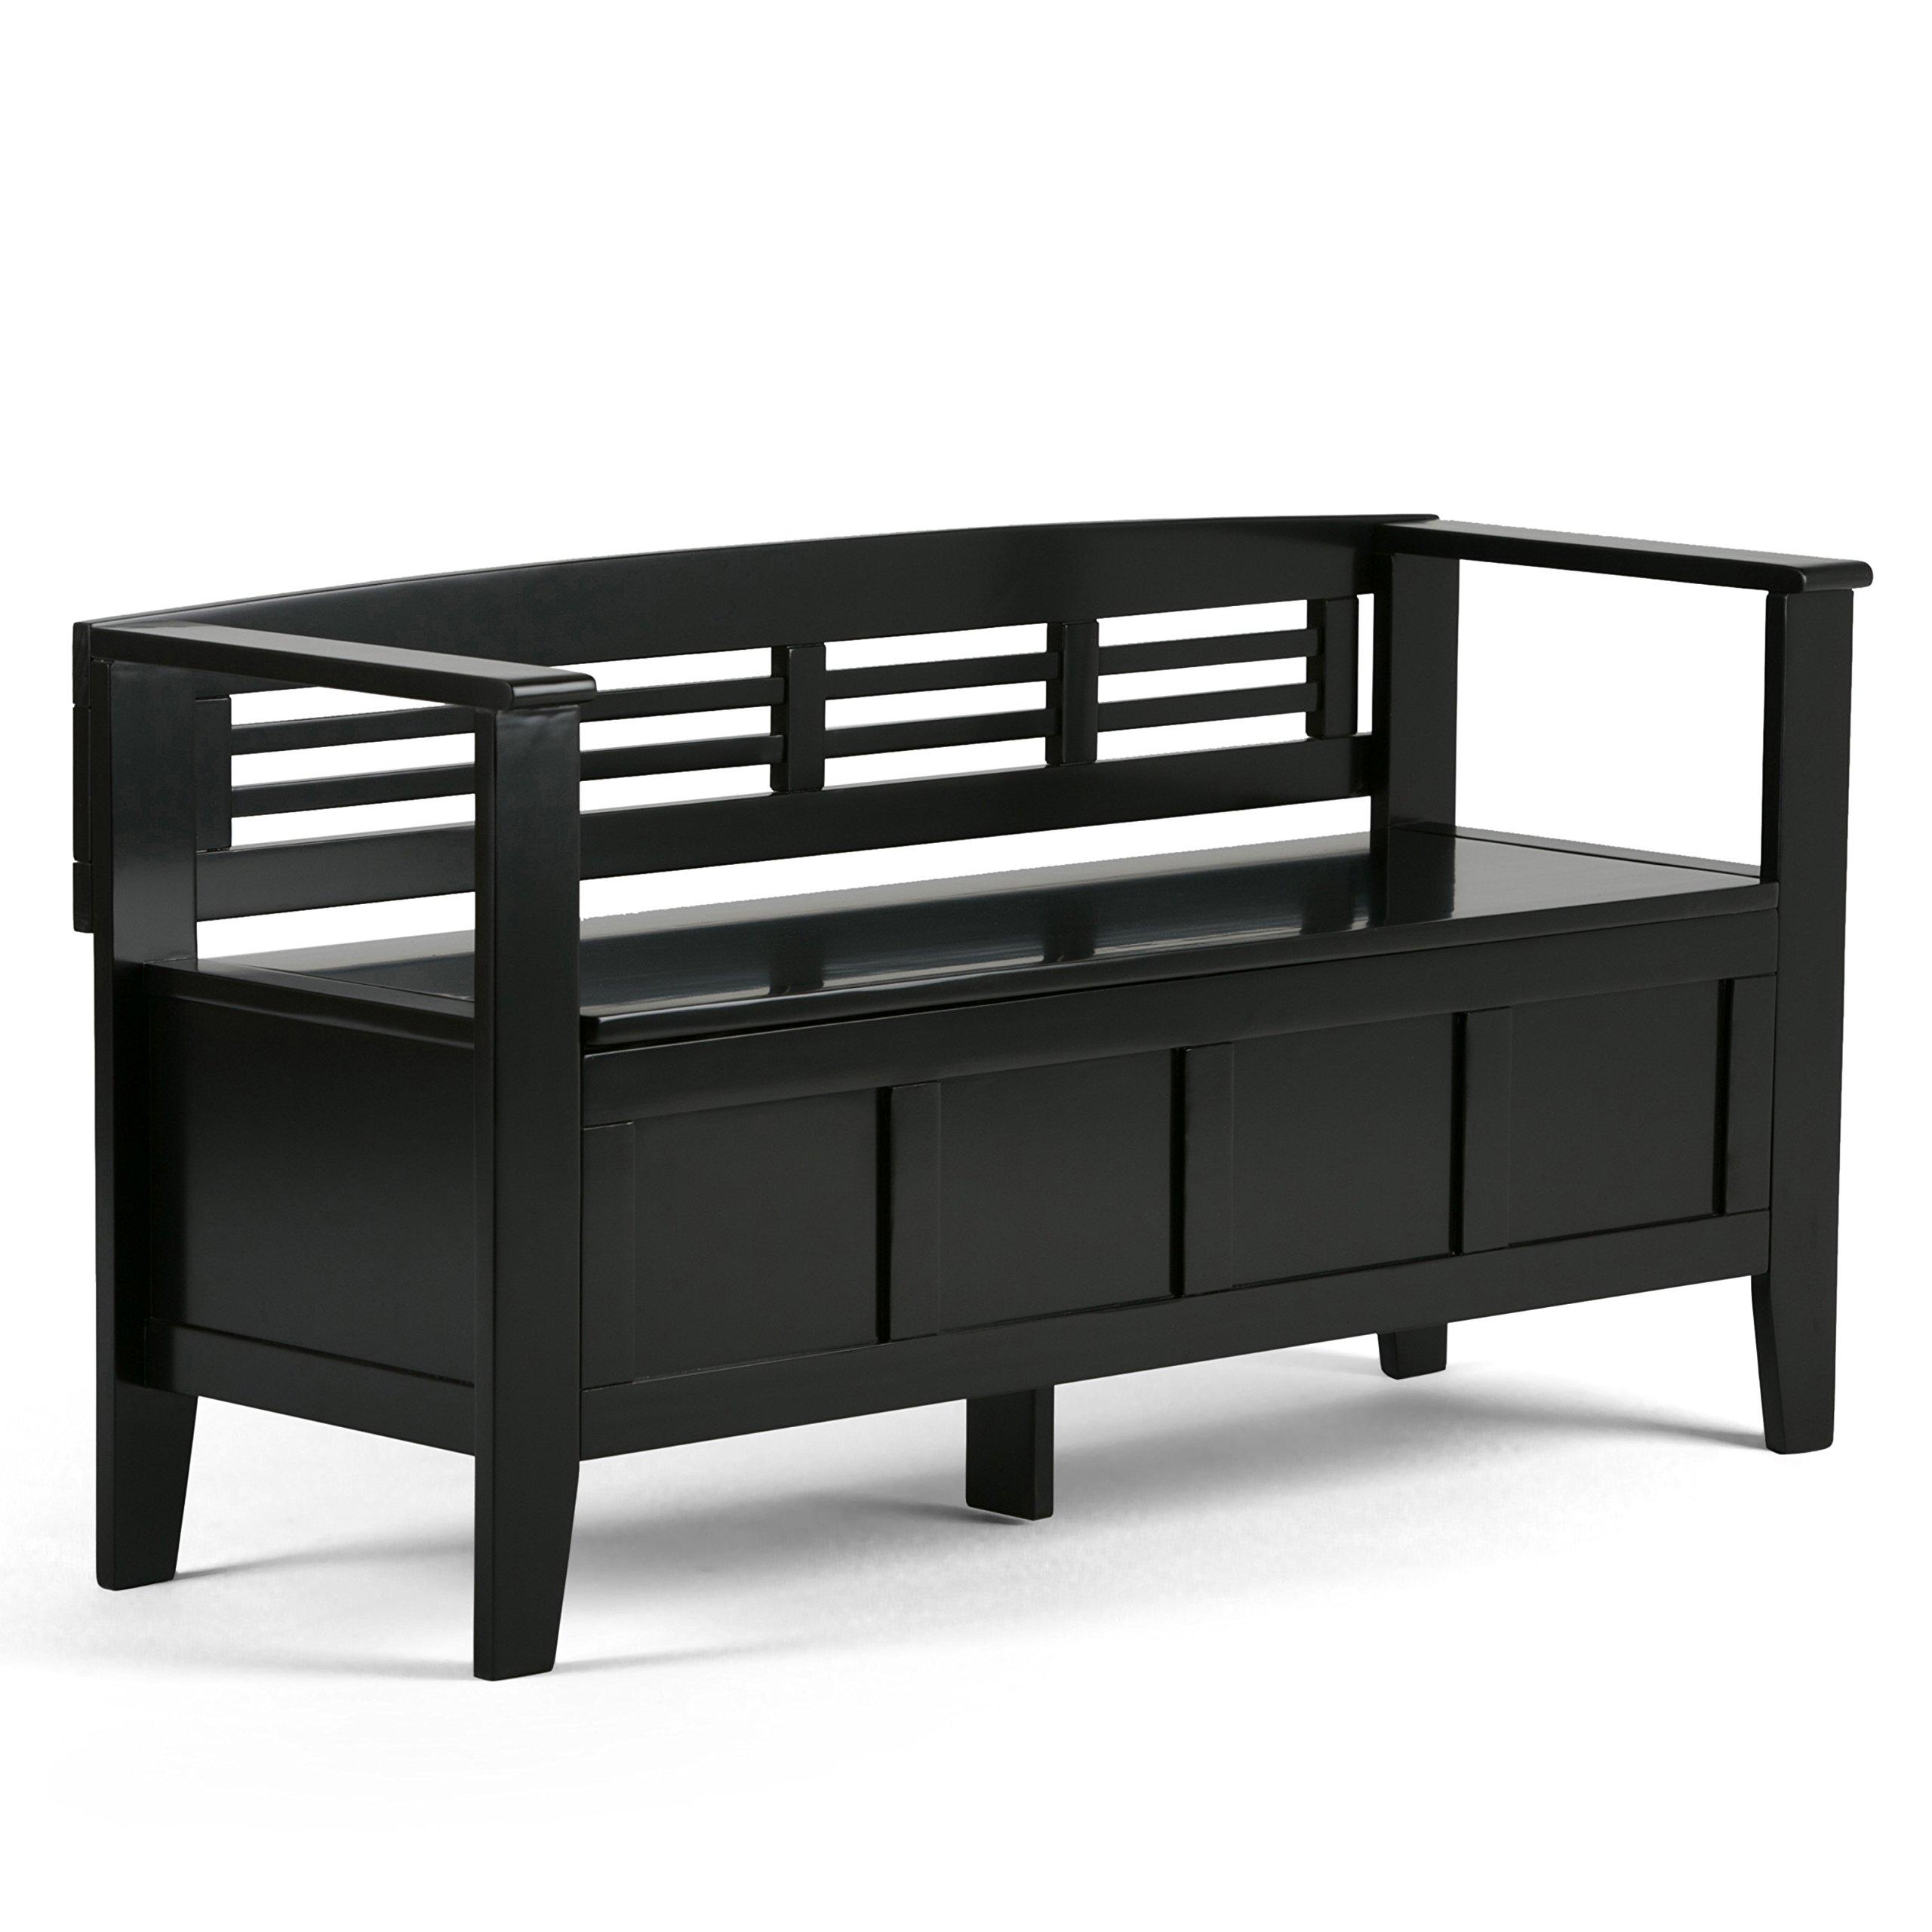 Simpli Home Adams Solid Wood Entryway Storage Bench, Black